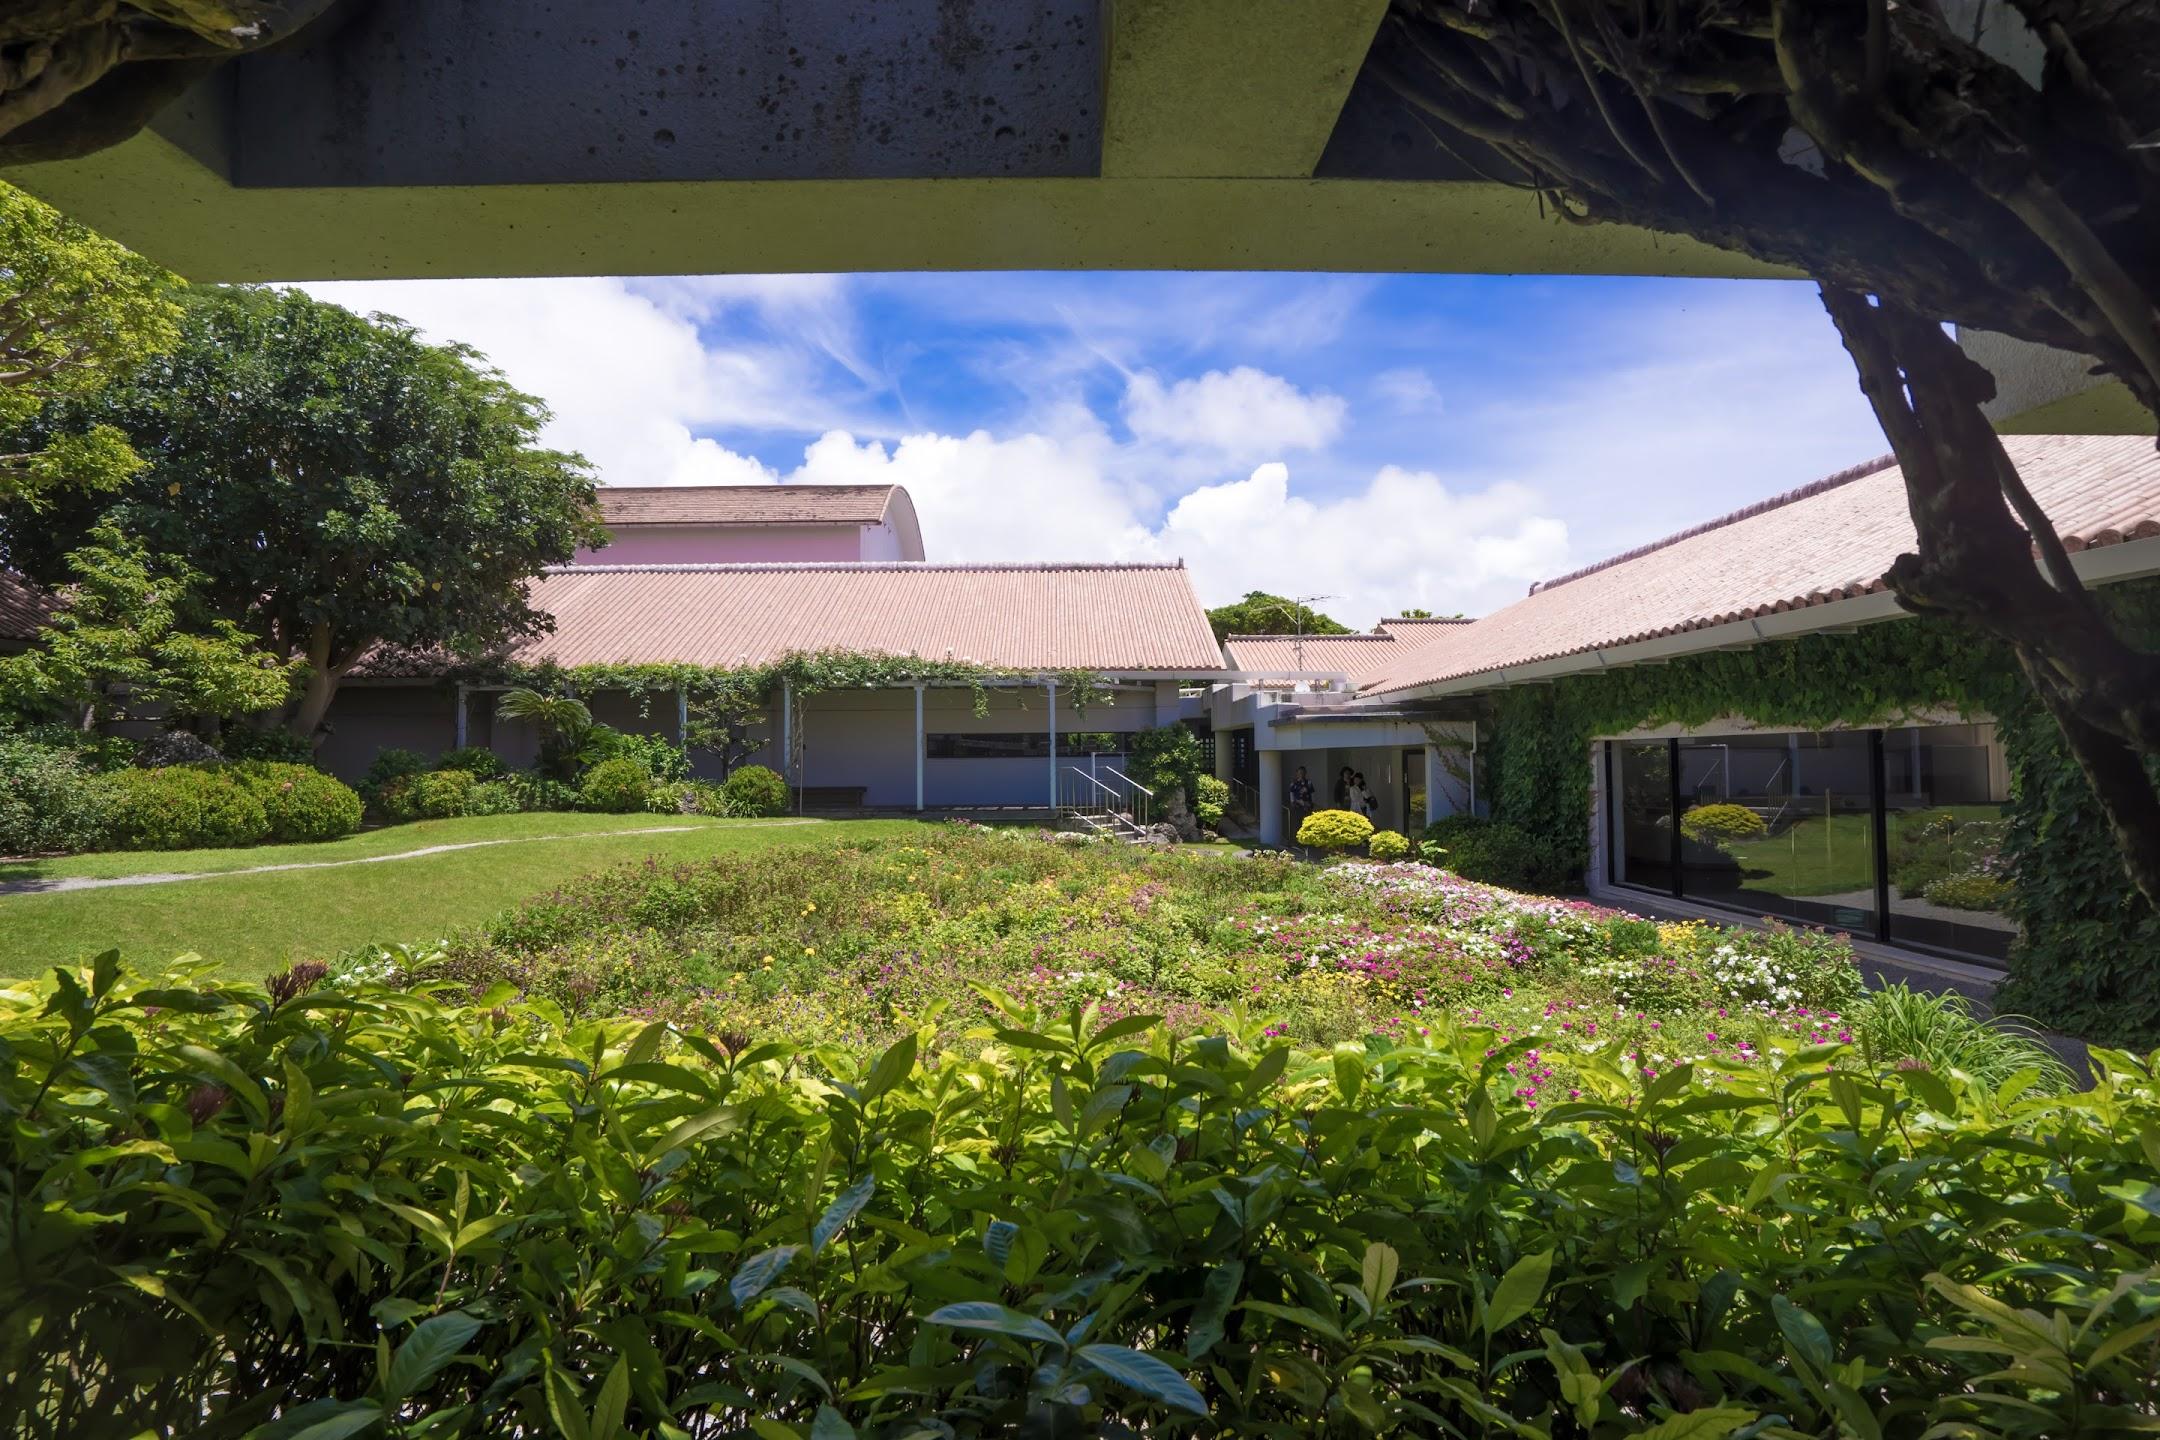 沖縄 ひめゆり平和祈念資料館2